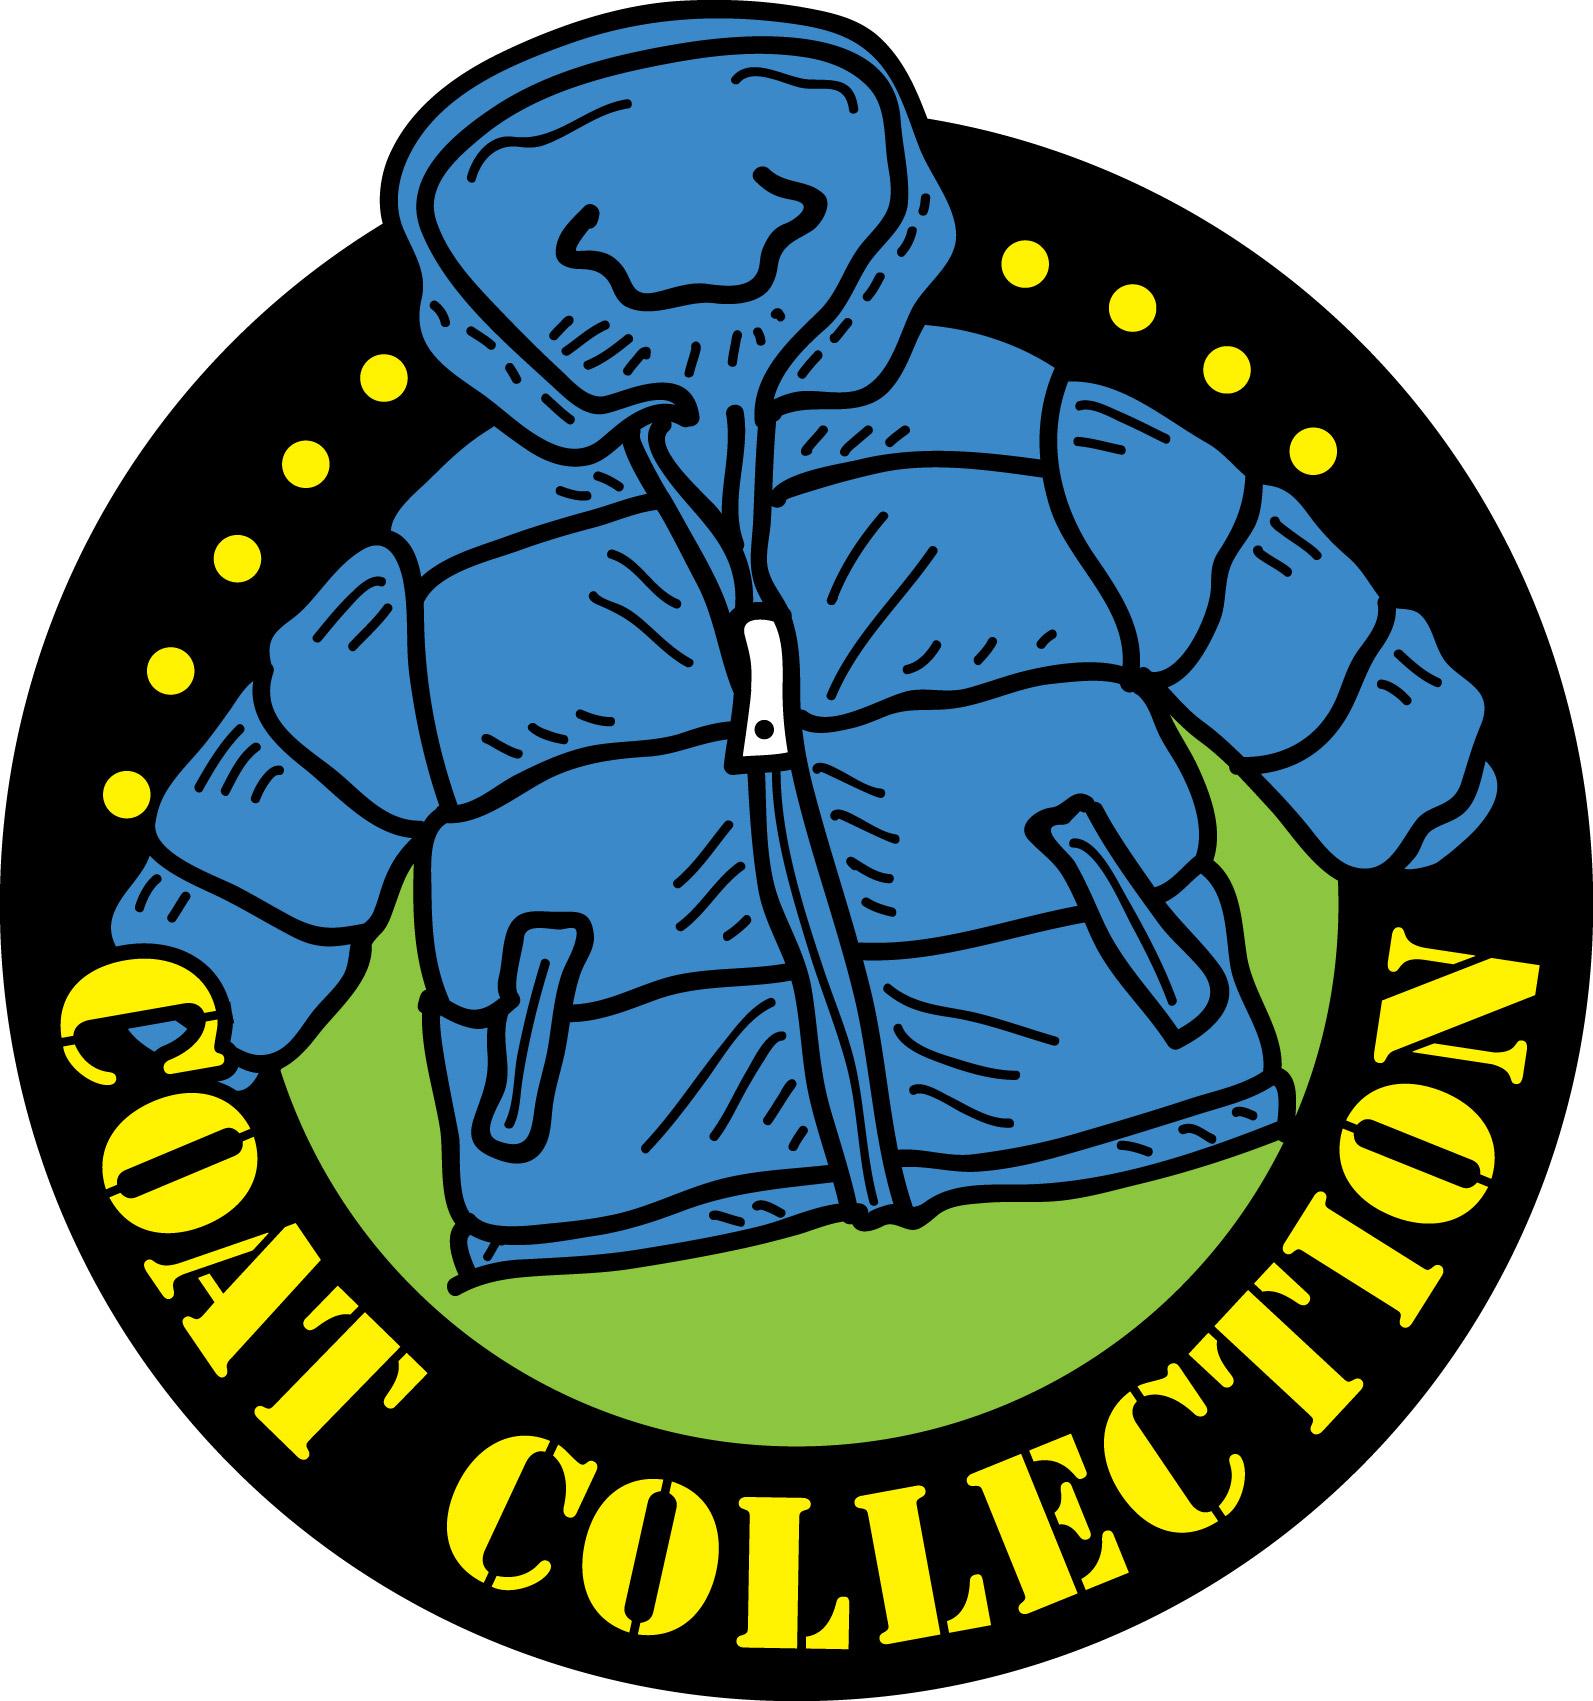 Clipart coat school. Free pictures of coats